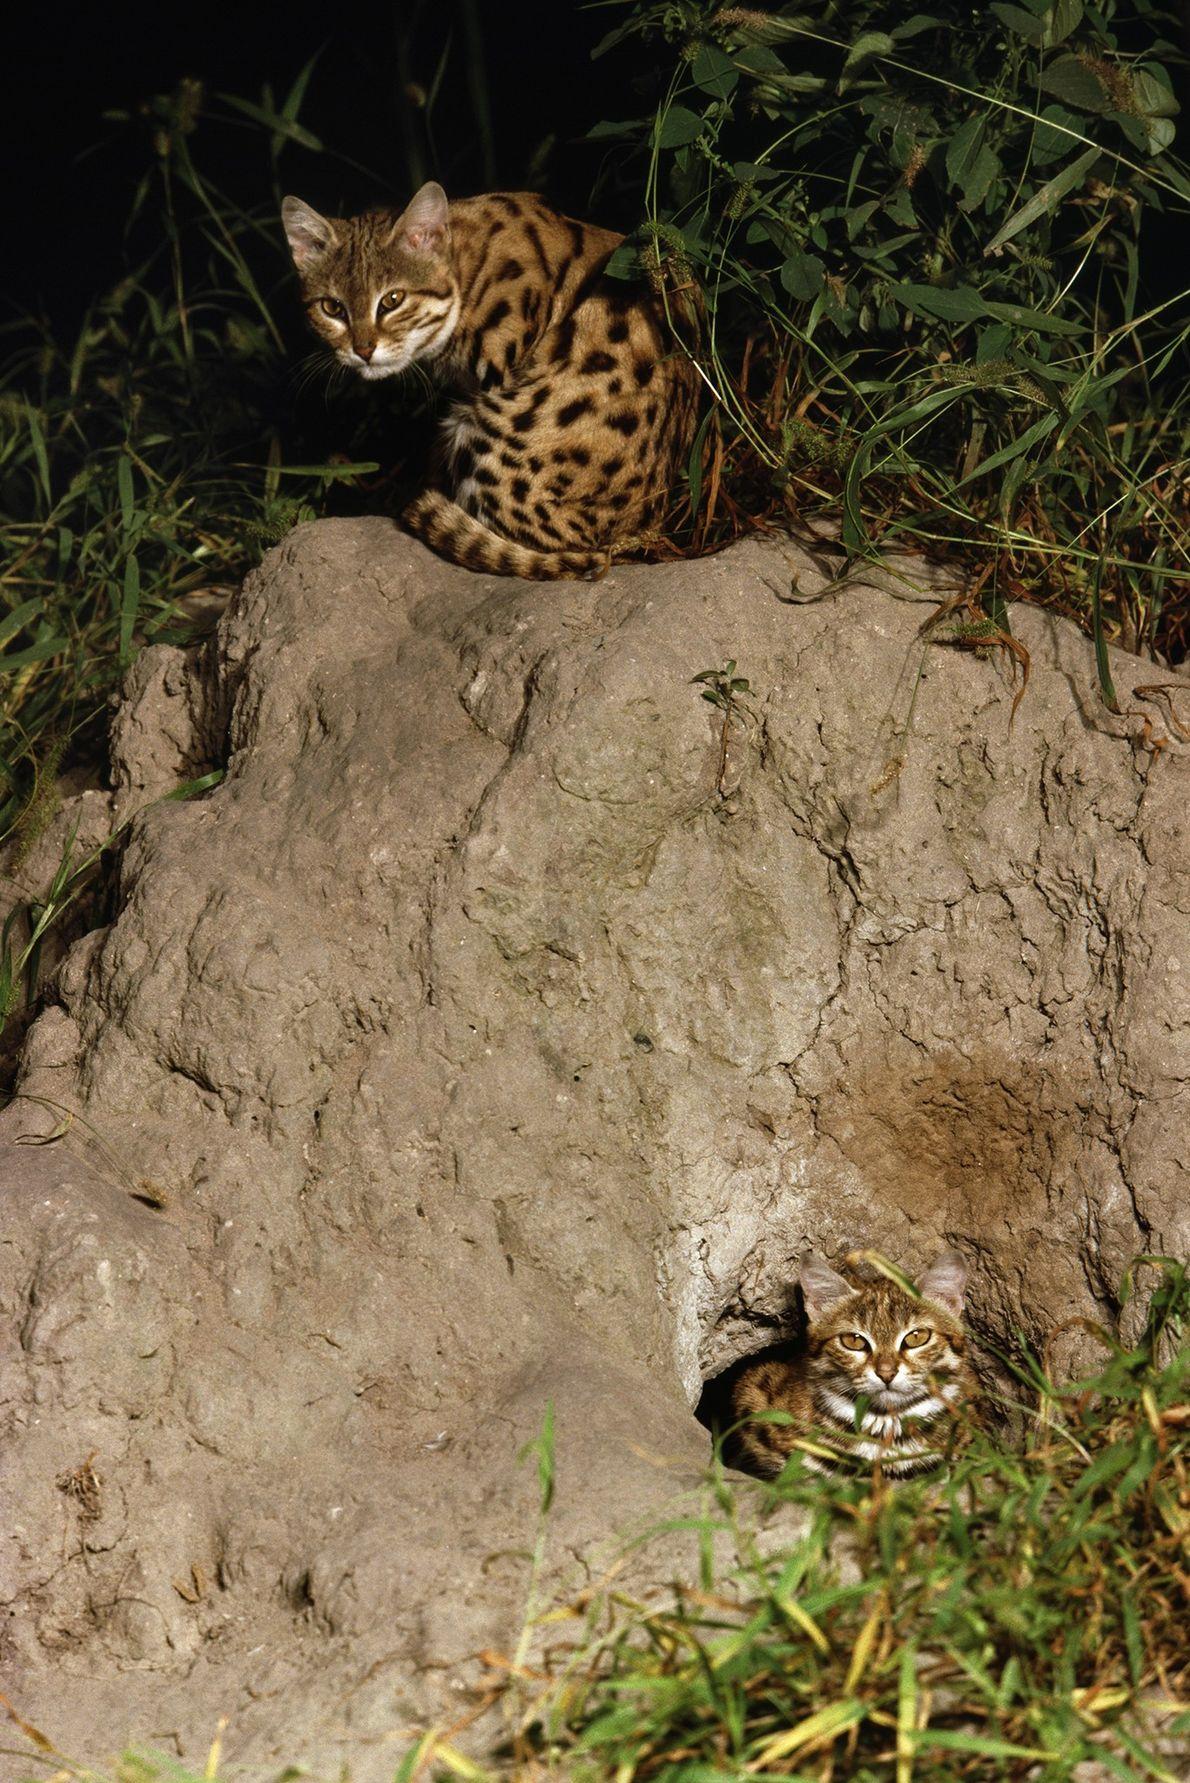 Gatos-bravos-de-patas-negras(Felis nigripes) escondidos em sua toca no Delta do Okavango, em Botsuana, em uma imagem de ...